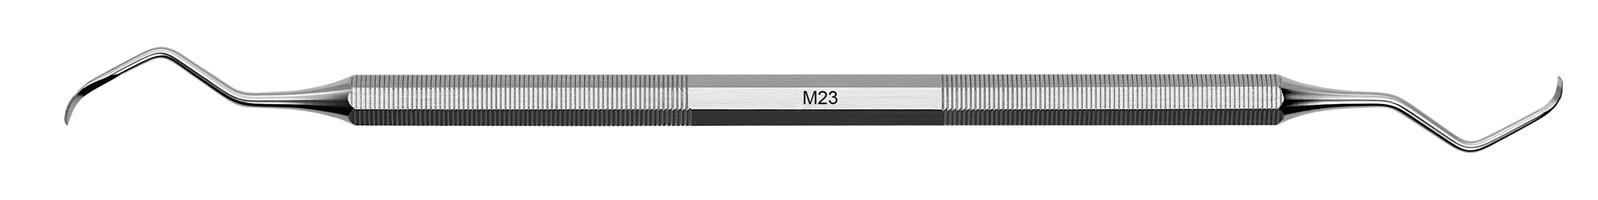 Scaler univerzální - M23, ADEP tmavě zelený